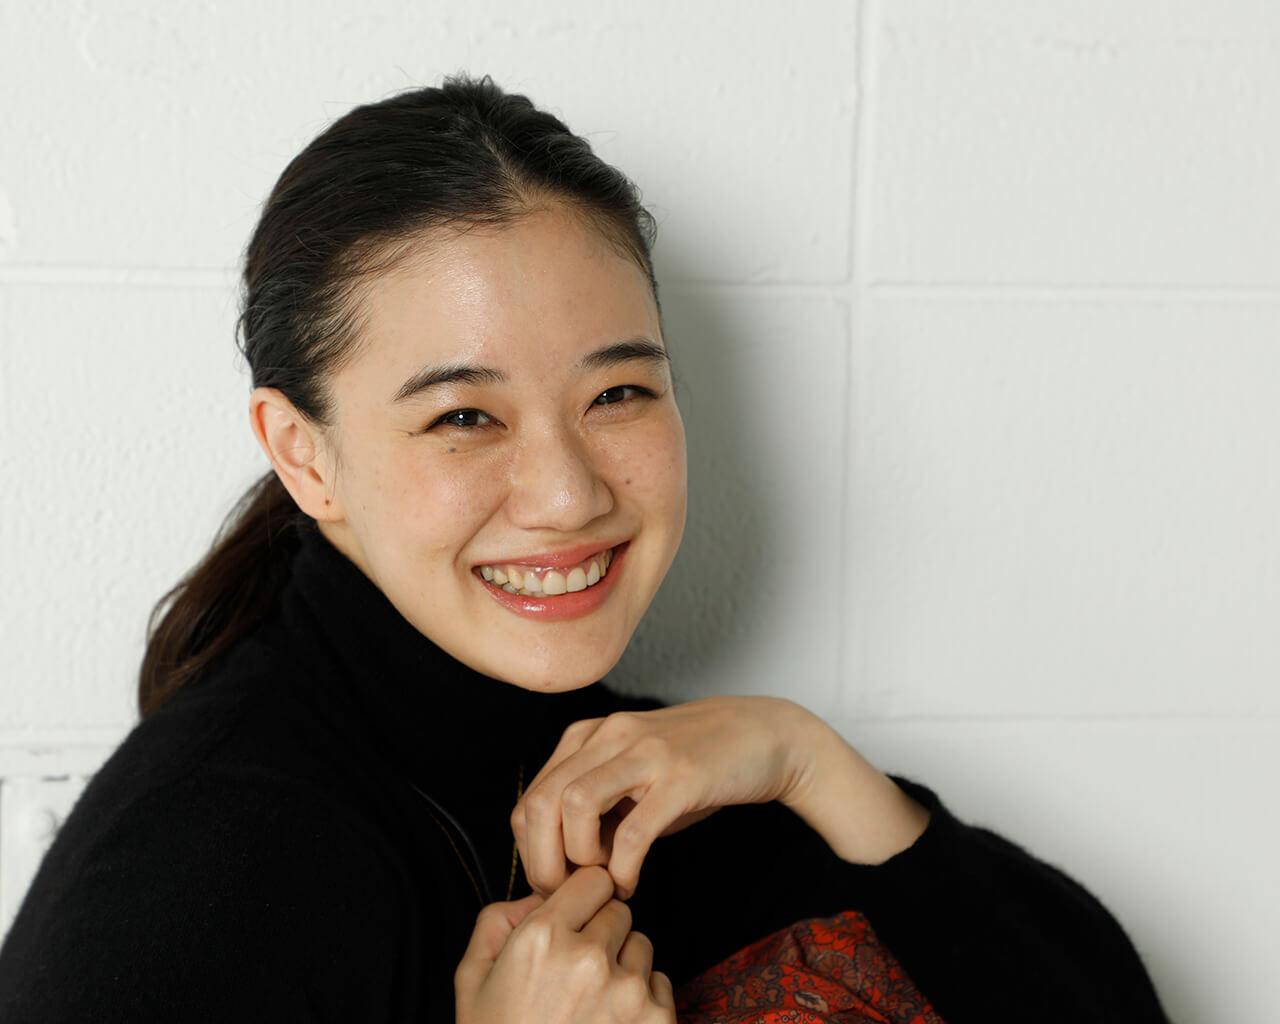 優 蒼井 伊集院光、山里亮太の結婚に驚き「蒼井優さんって良い人なんだな」